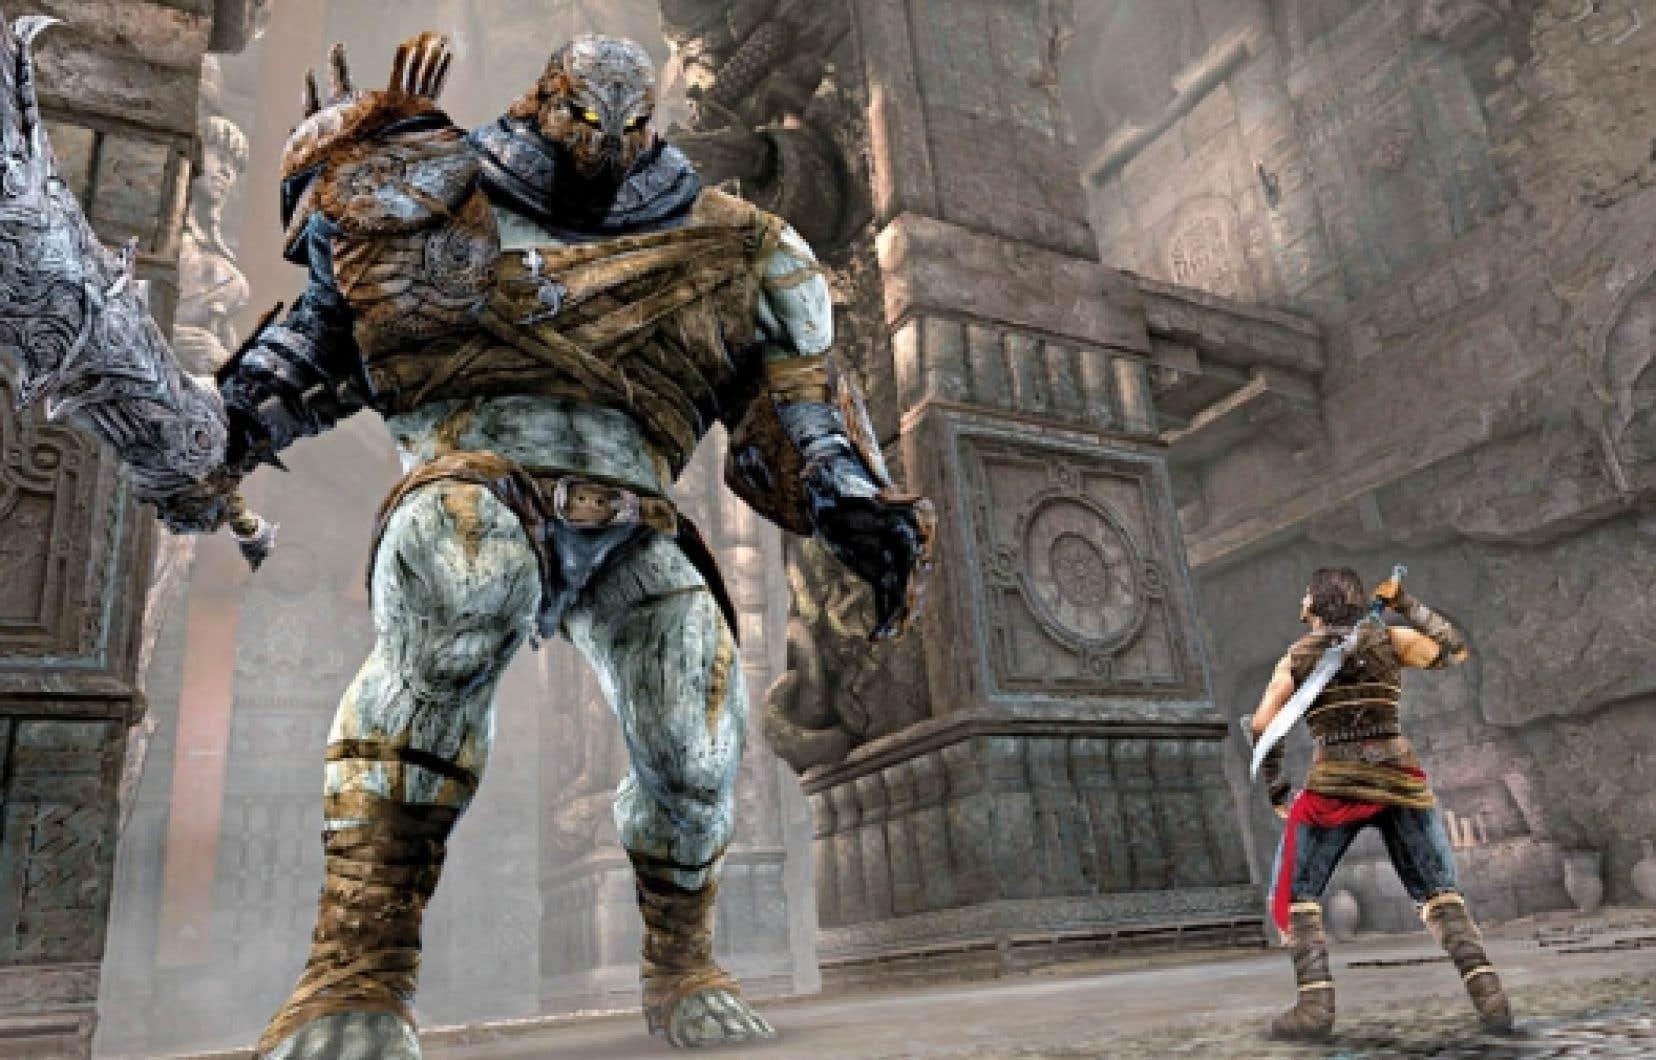 Un Troll et le personnage principal de Prince of Persia: Forgotten Sands